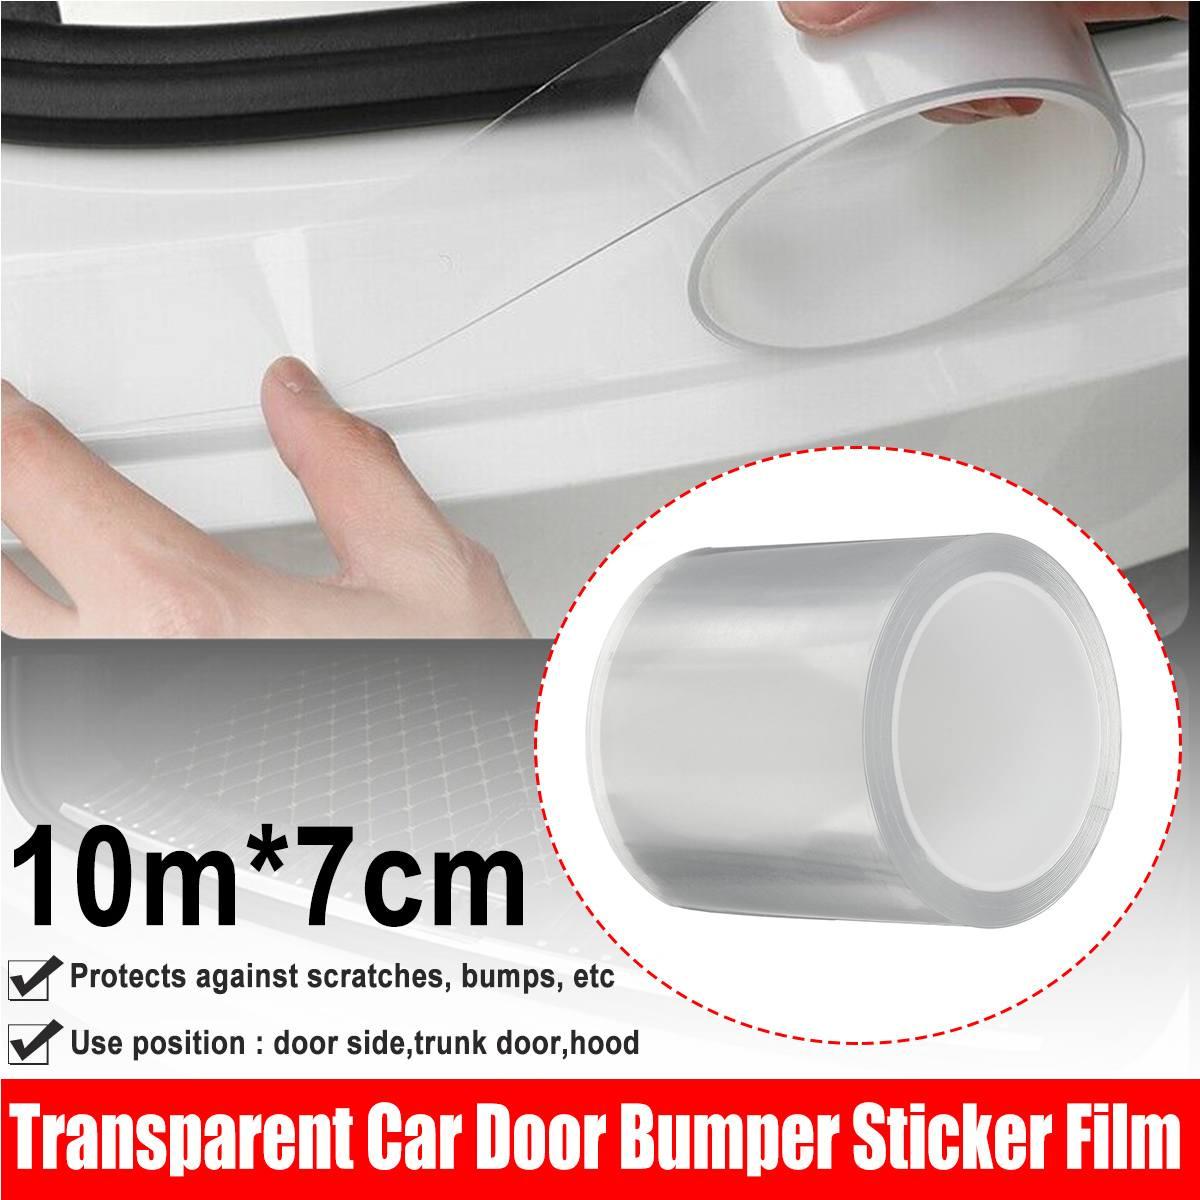 Универсальная утолщенная Прозрачная защитная полоса 7*100 см для двери бампера автомобиля, пленка, 3D наклейка, пленка